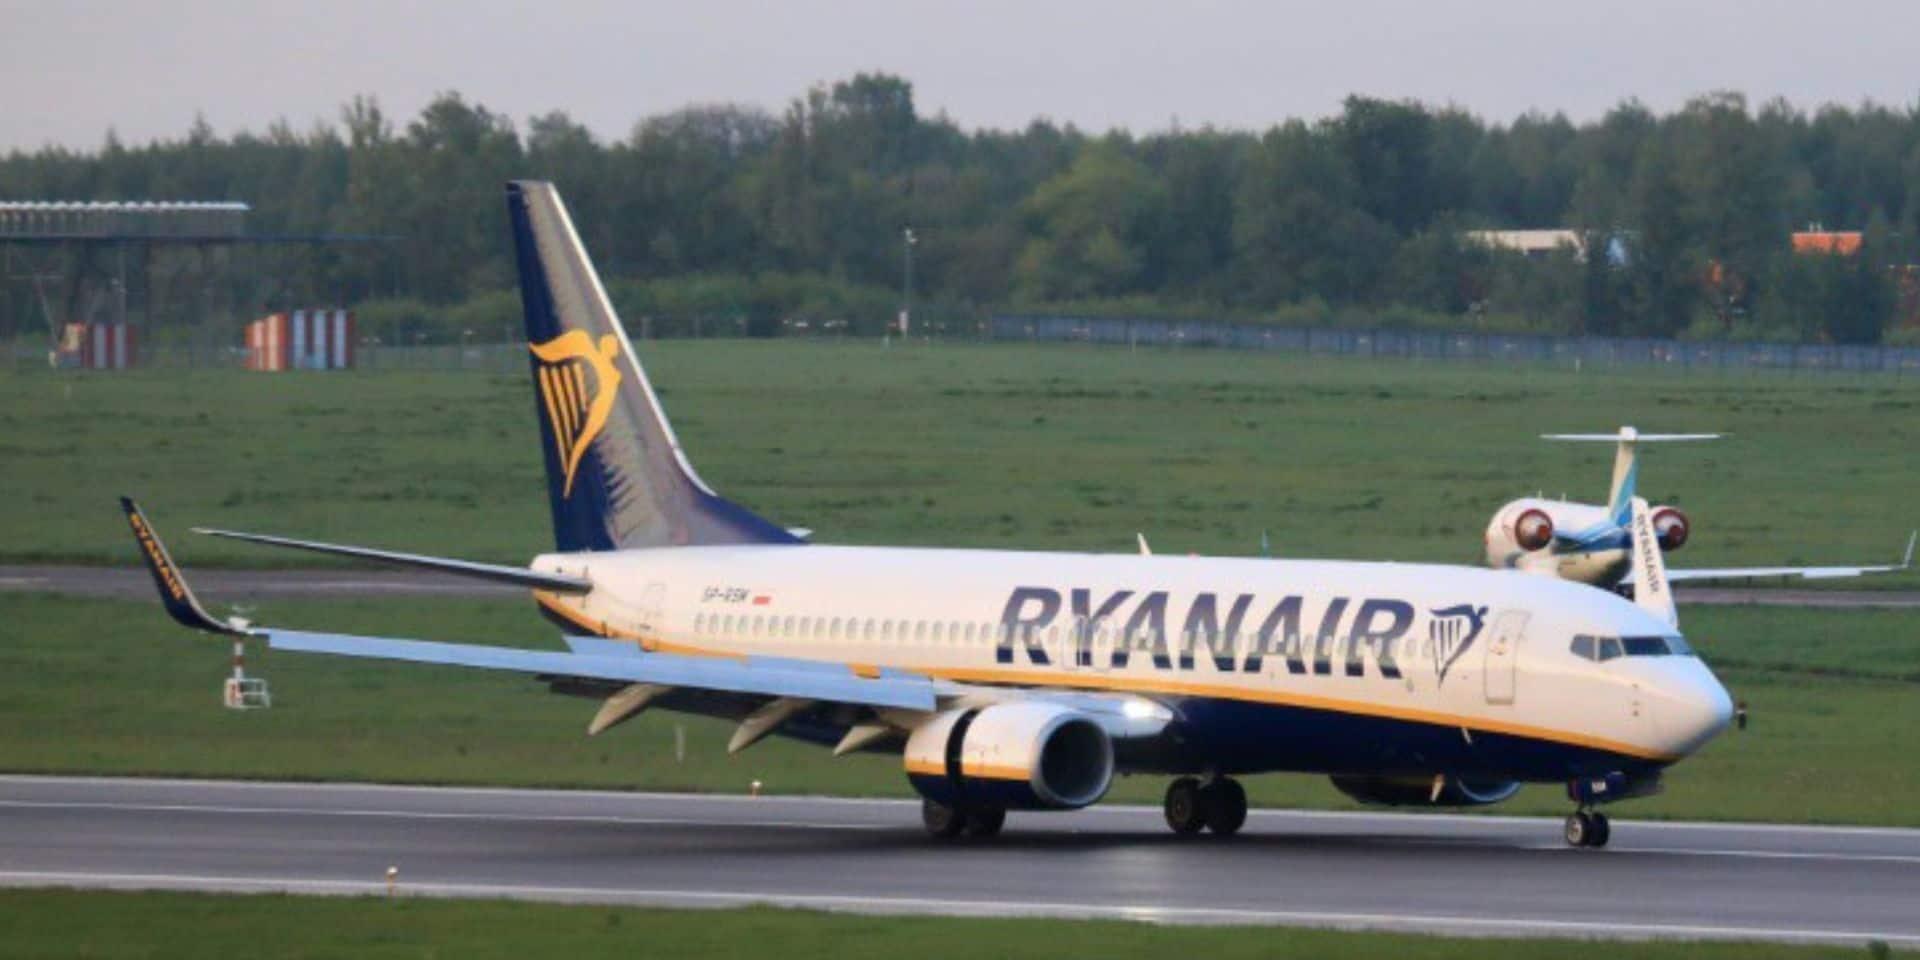 Vol Ryanair détourné: l'agence onusienne de l'aviation civile lance une enquête